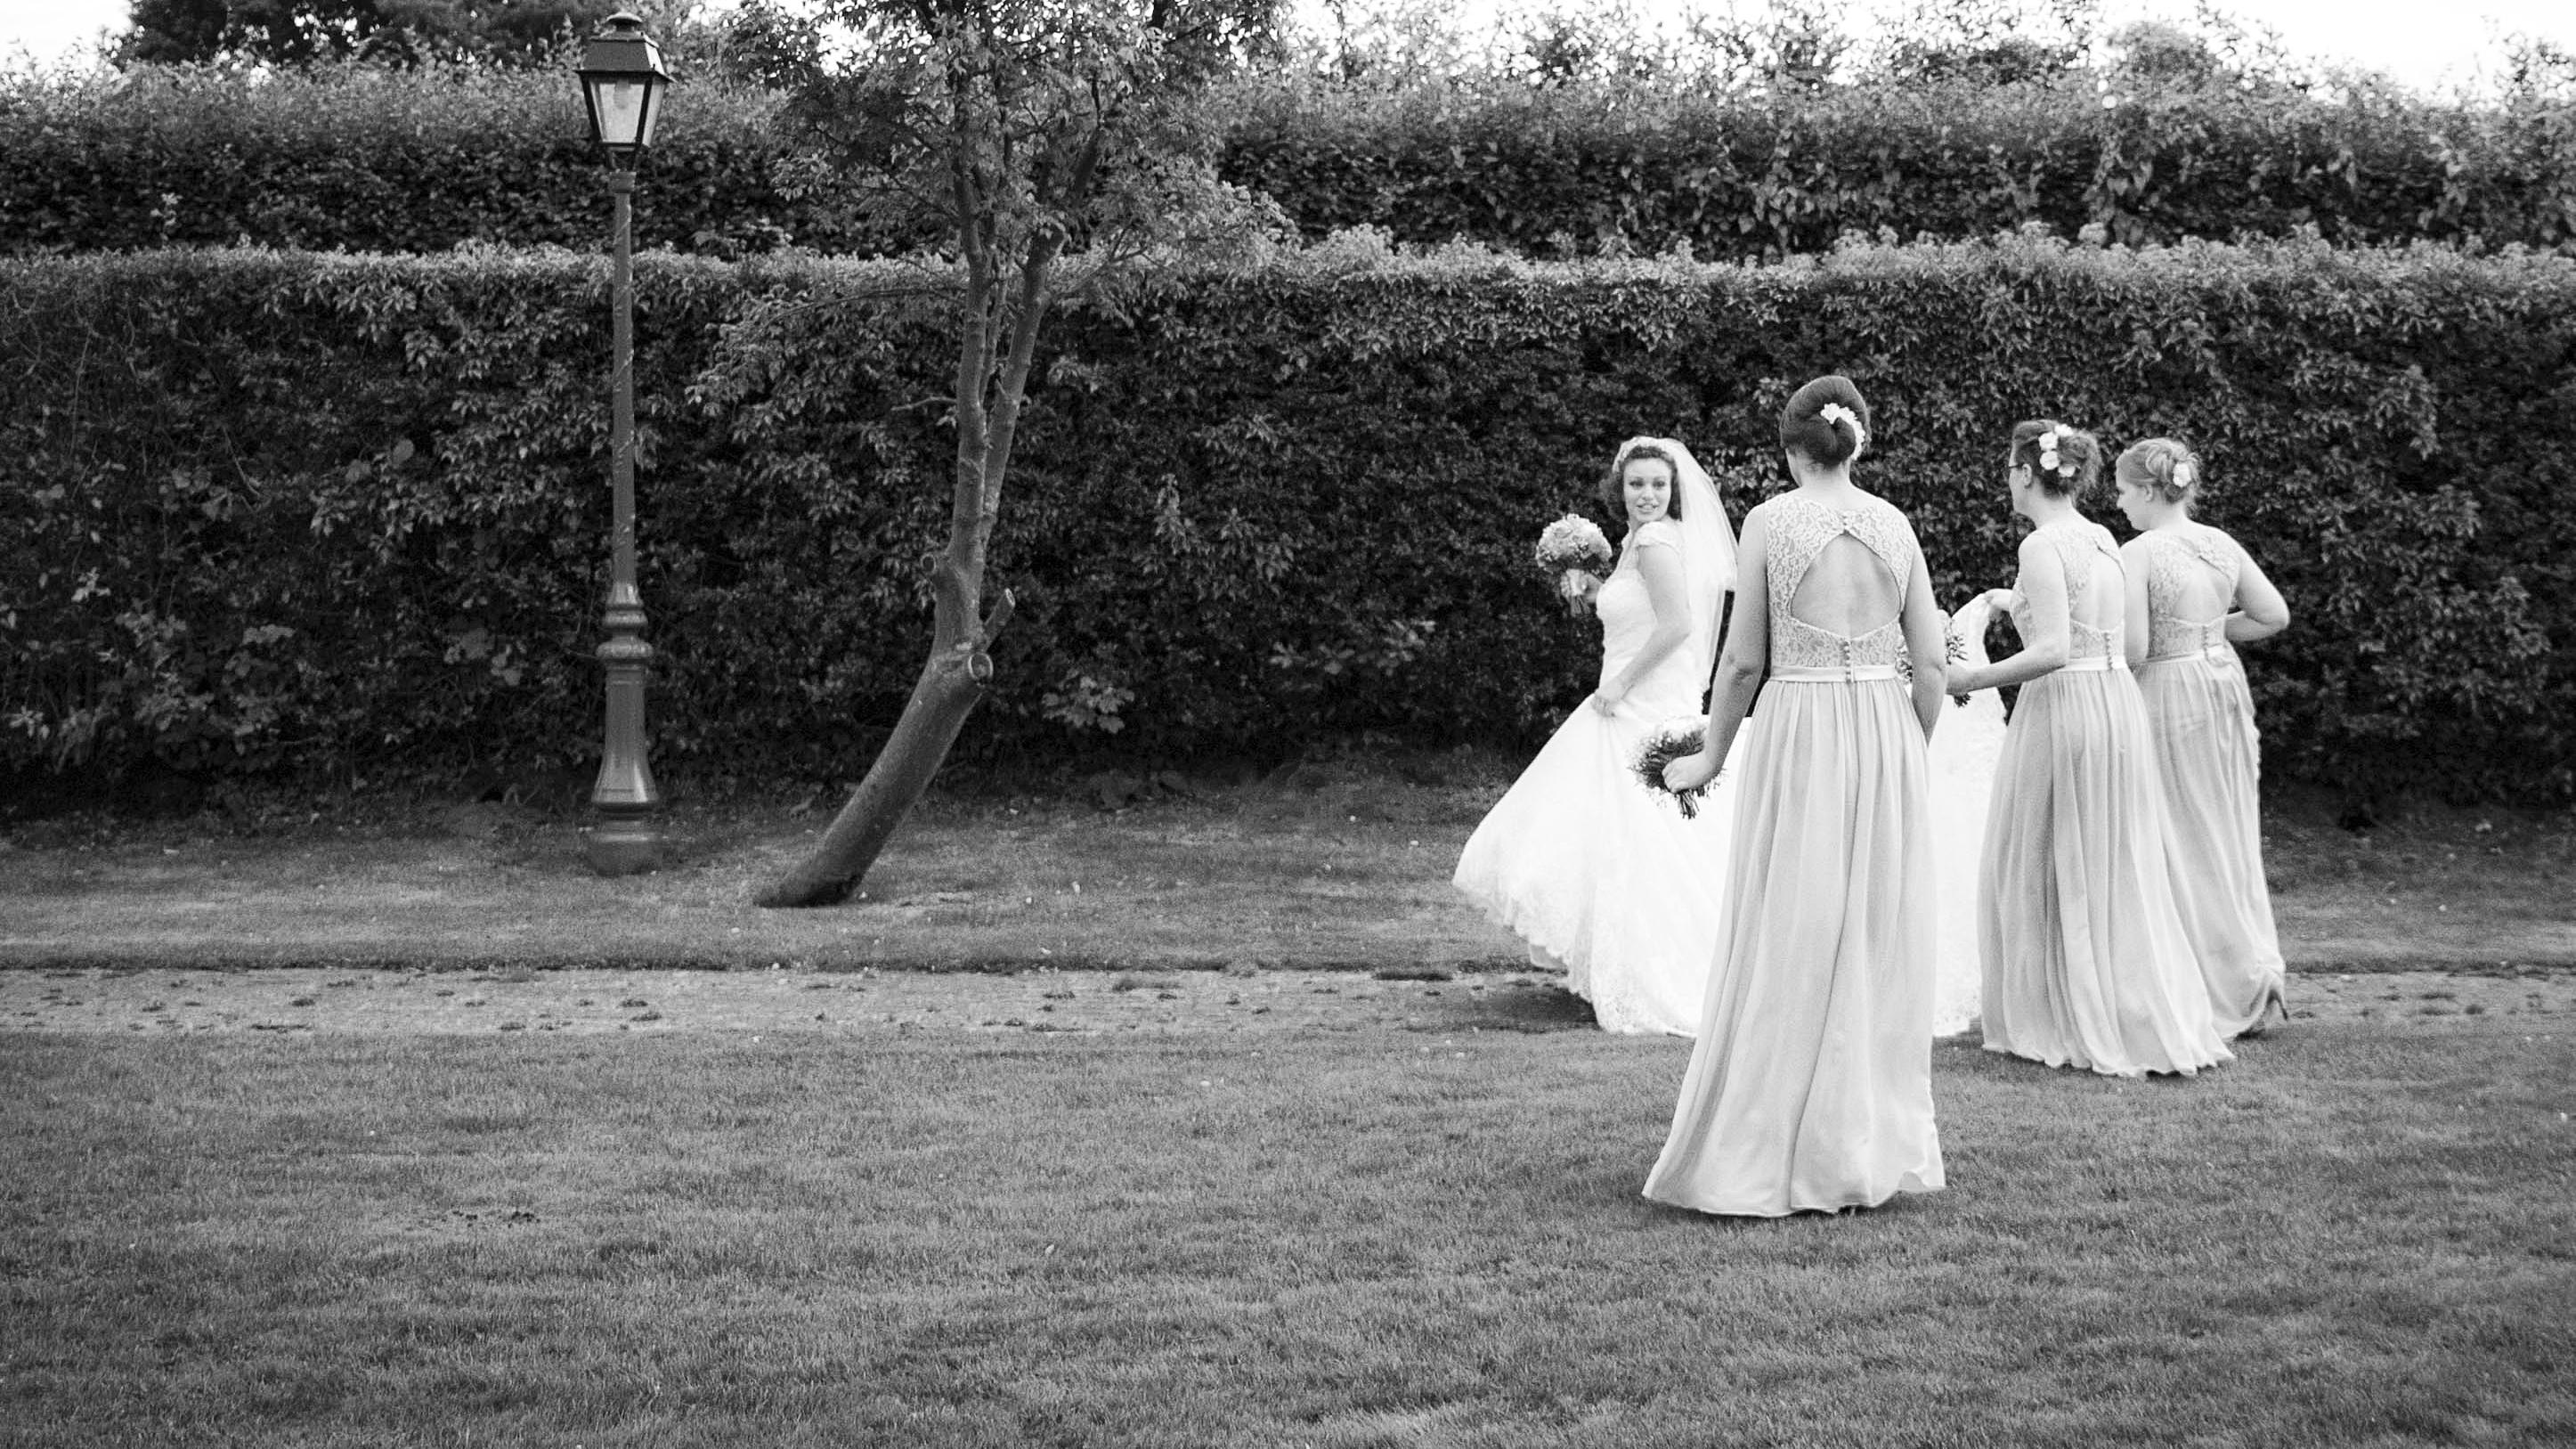 Brides16-9